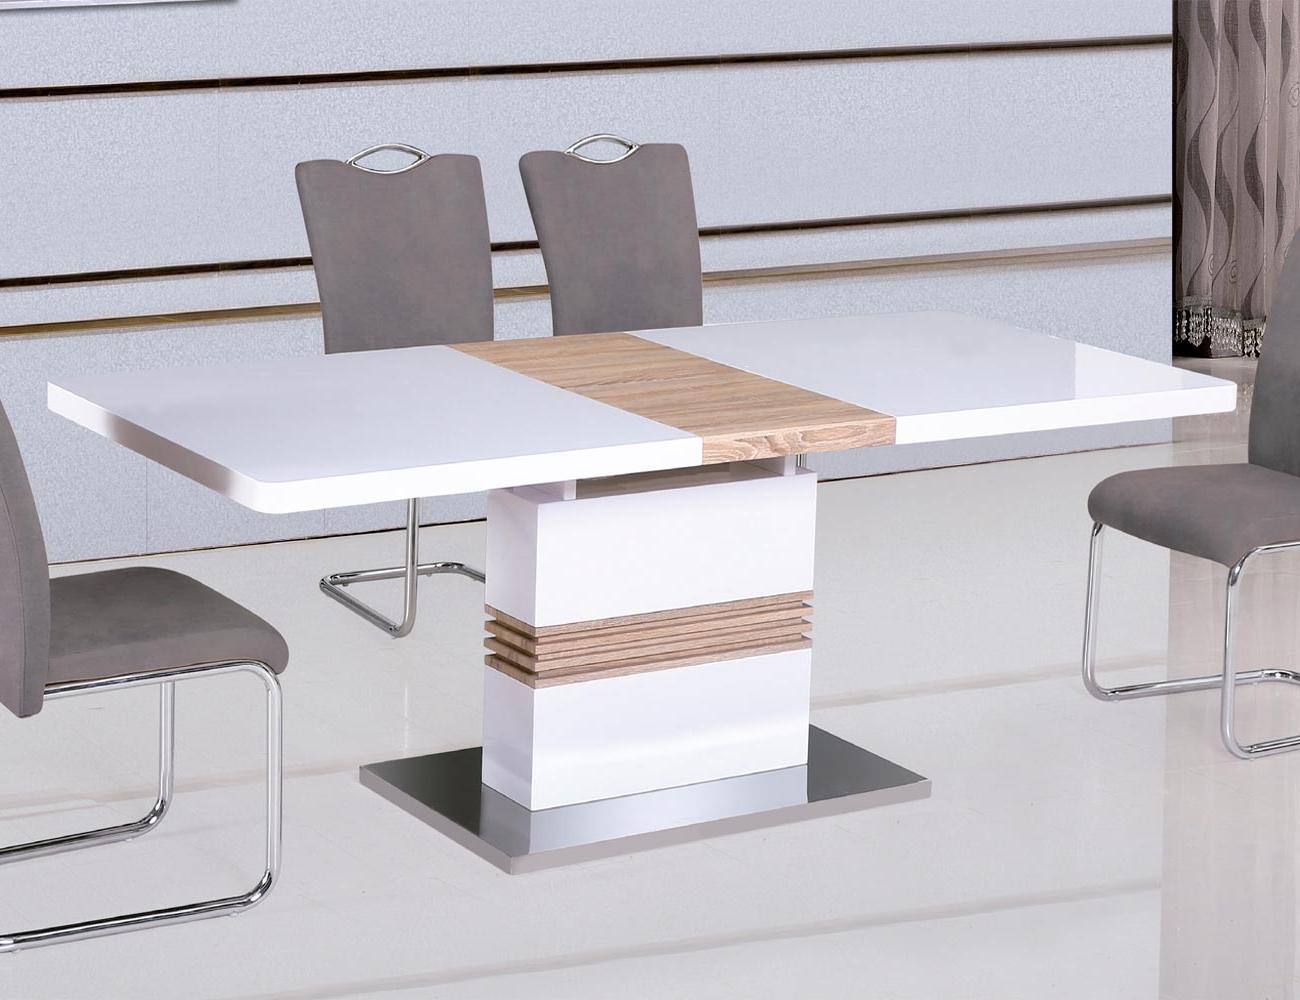 Mesa Comedor Blanca Extensible Y7du Mesa Edor Extensible En Blanco Lacado Con Cambrian Y Base Acero